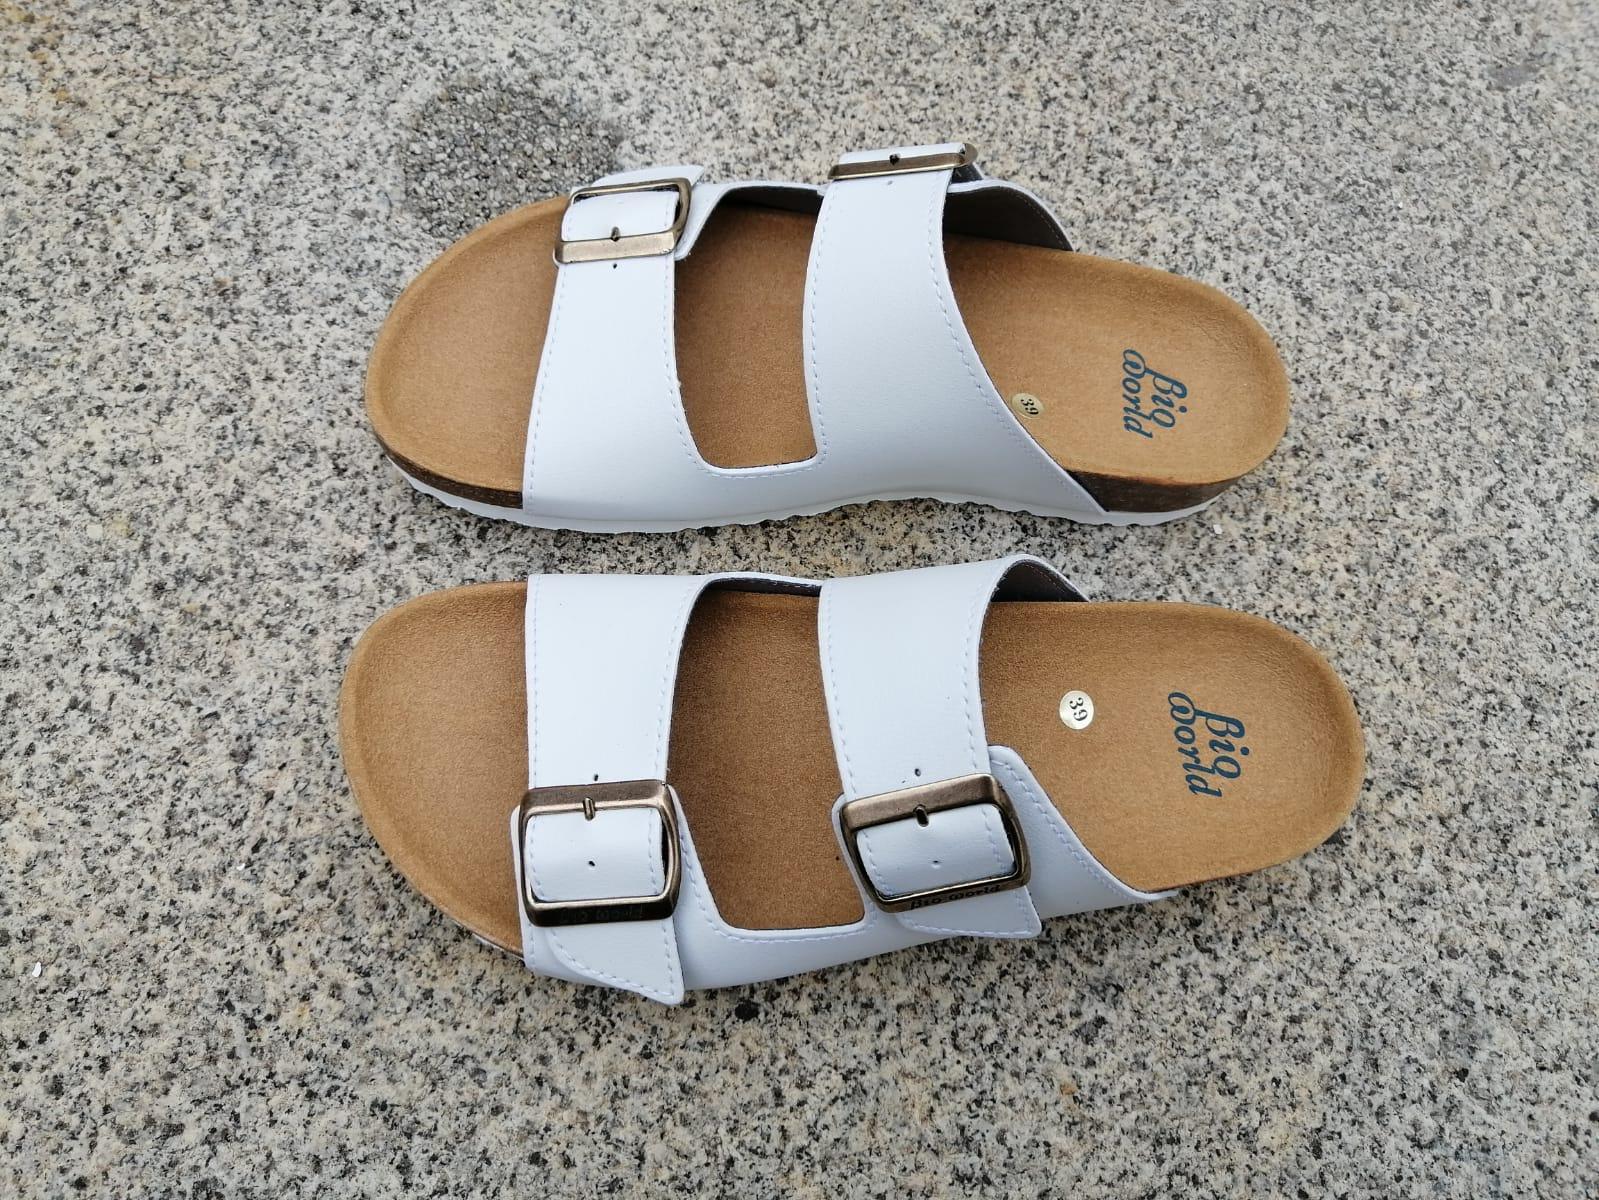 VICTORIA BLANCO, sandalias veganas, sandalias veganas mujer, calzado vegano, sandalias de tacón bajo, sandalias bioworld, vegan shoes.